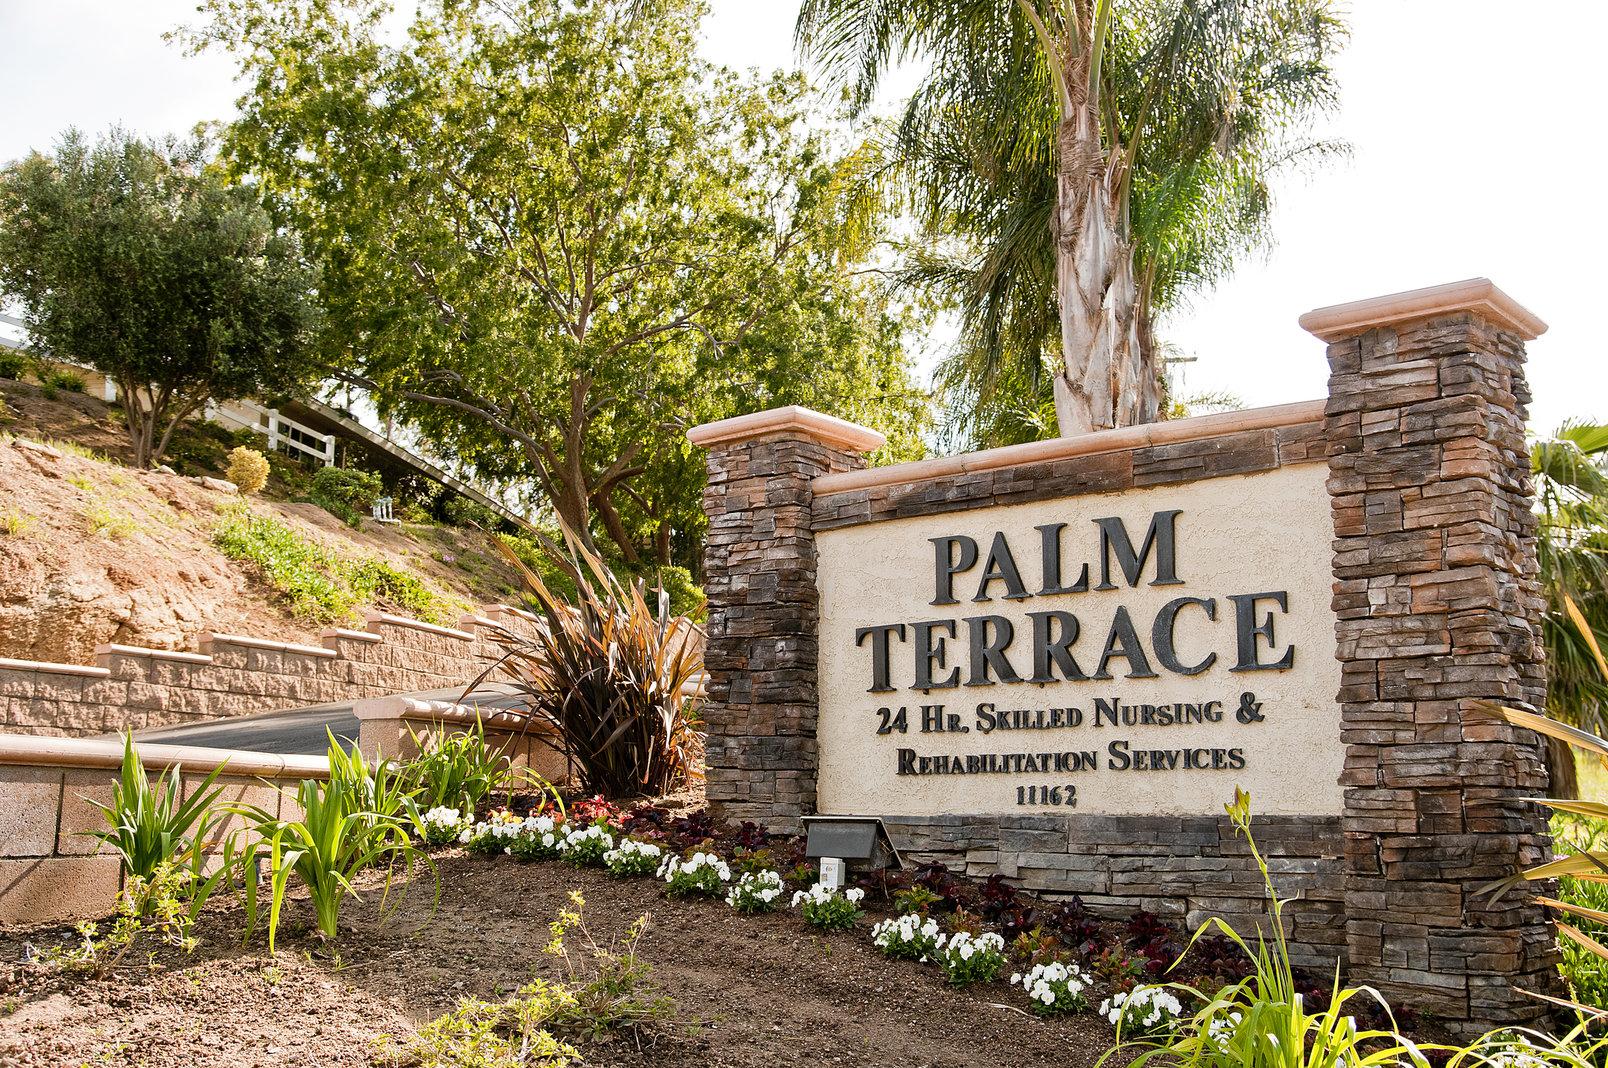 Palm Terrace Care Center 11162 Palm Terrace Ln Riverside